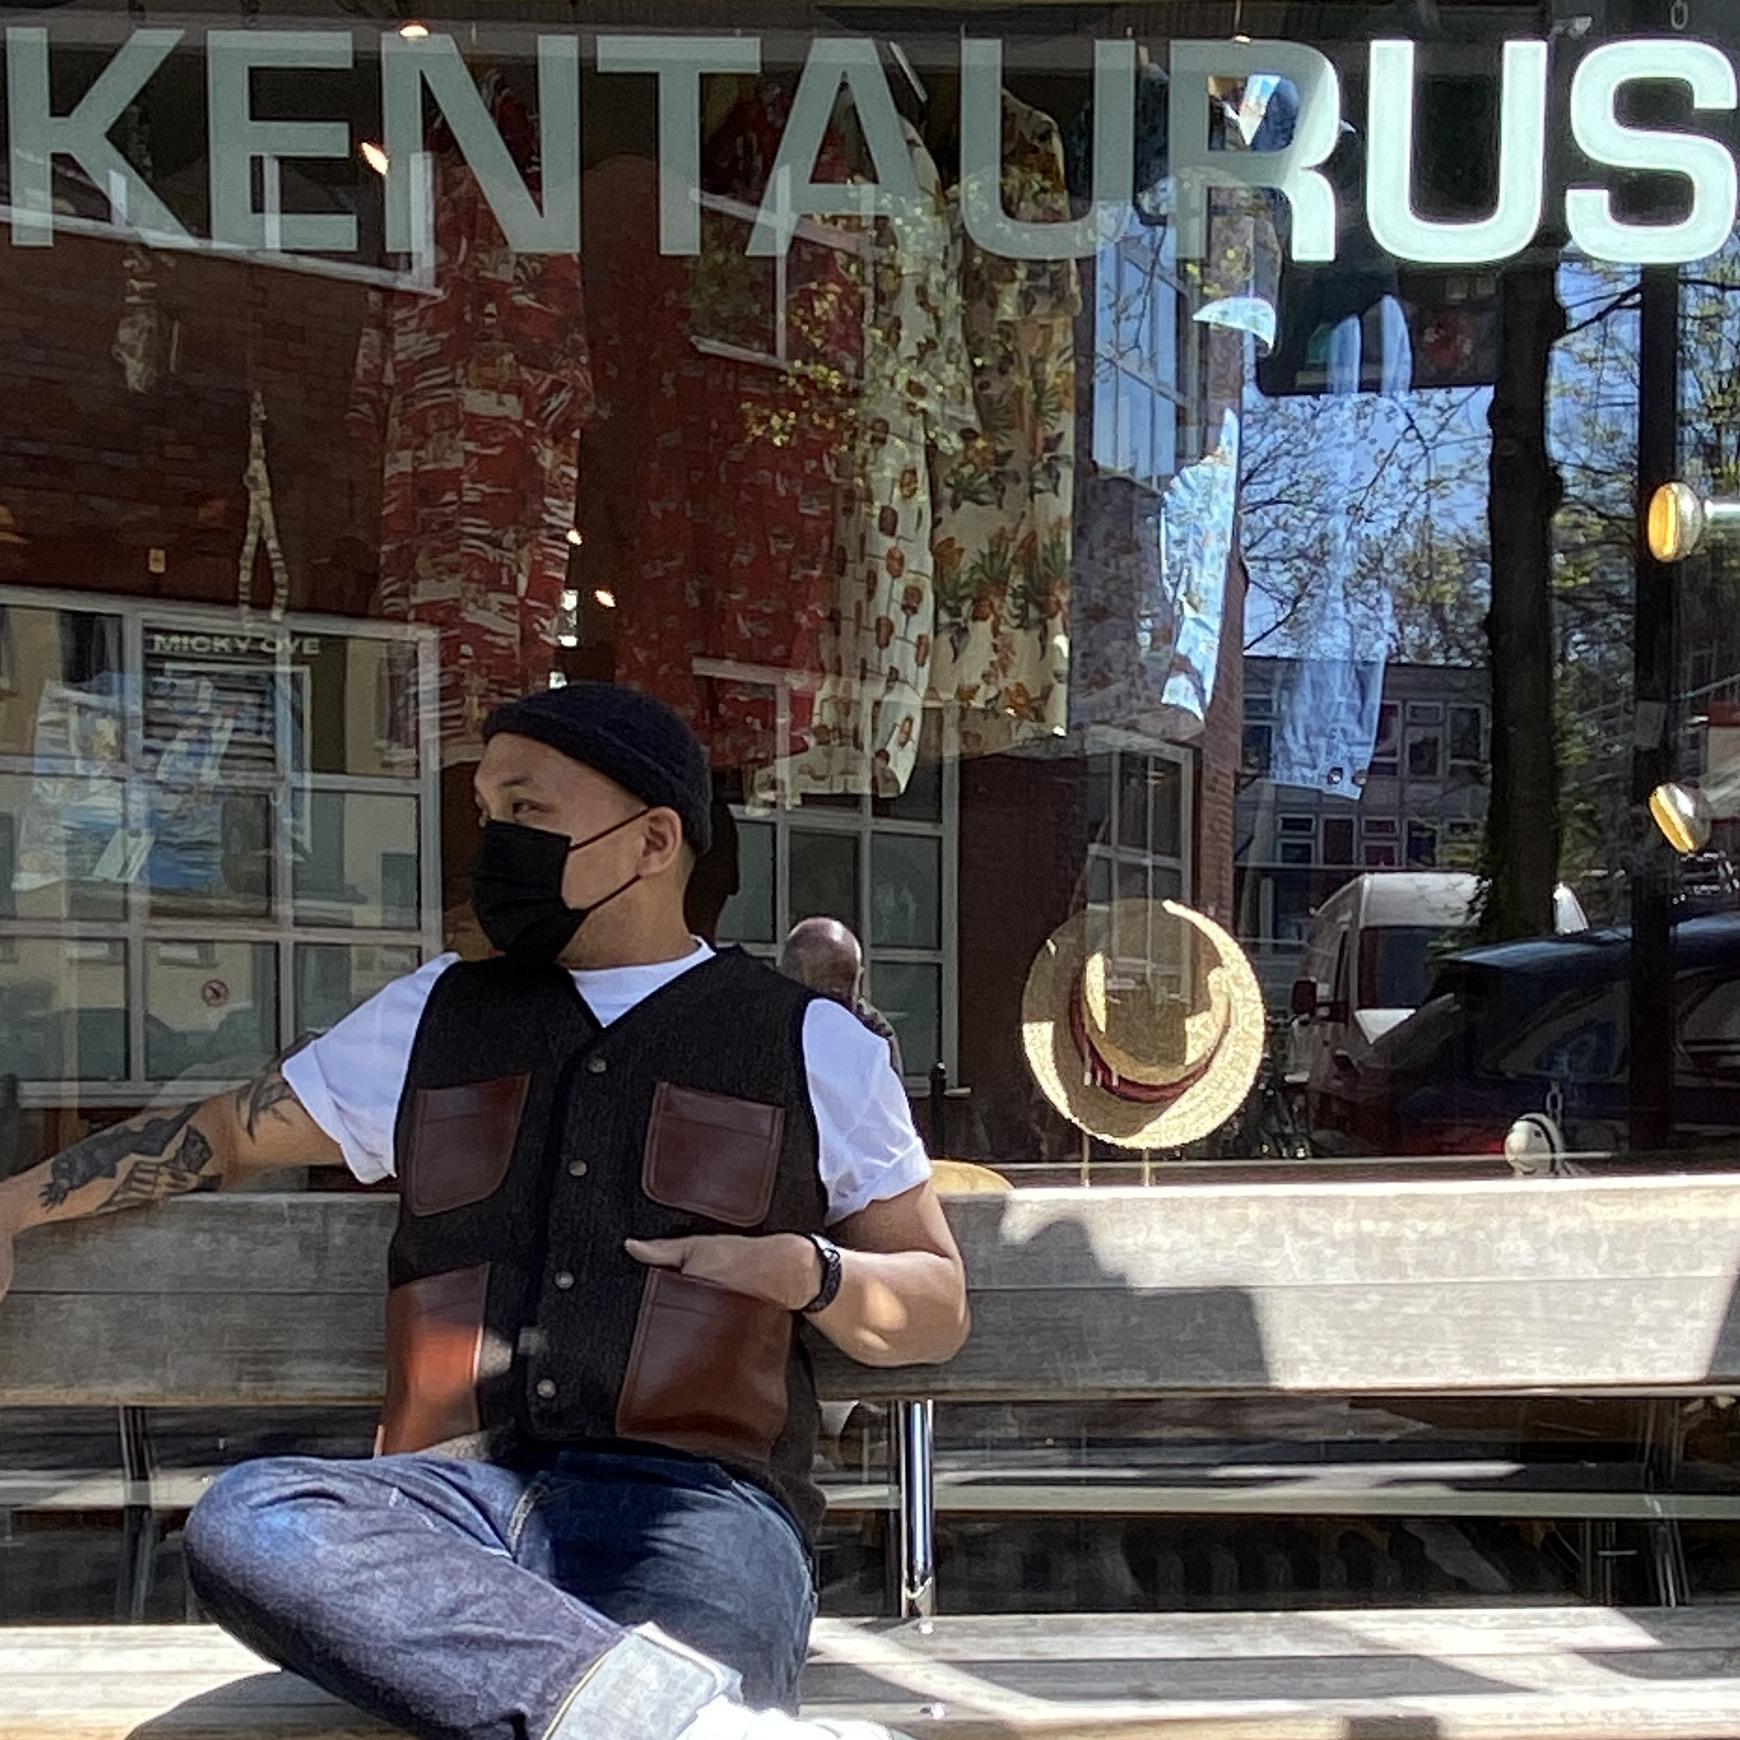 KENTAURUS: Kunde des Tages